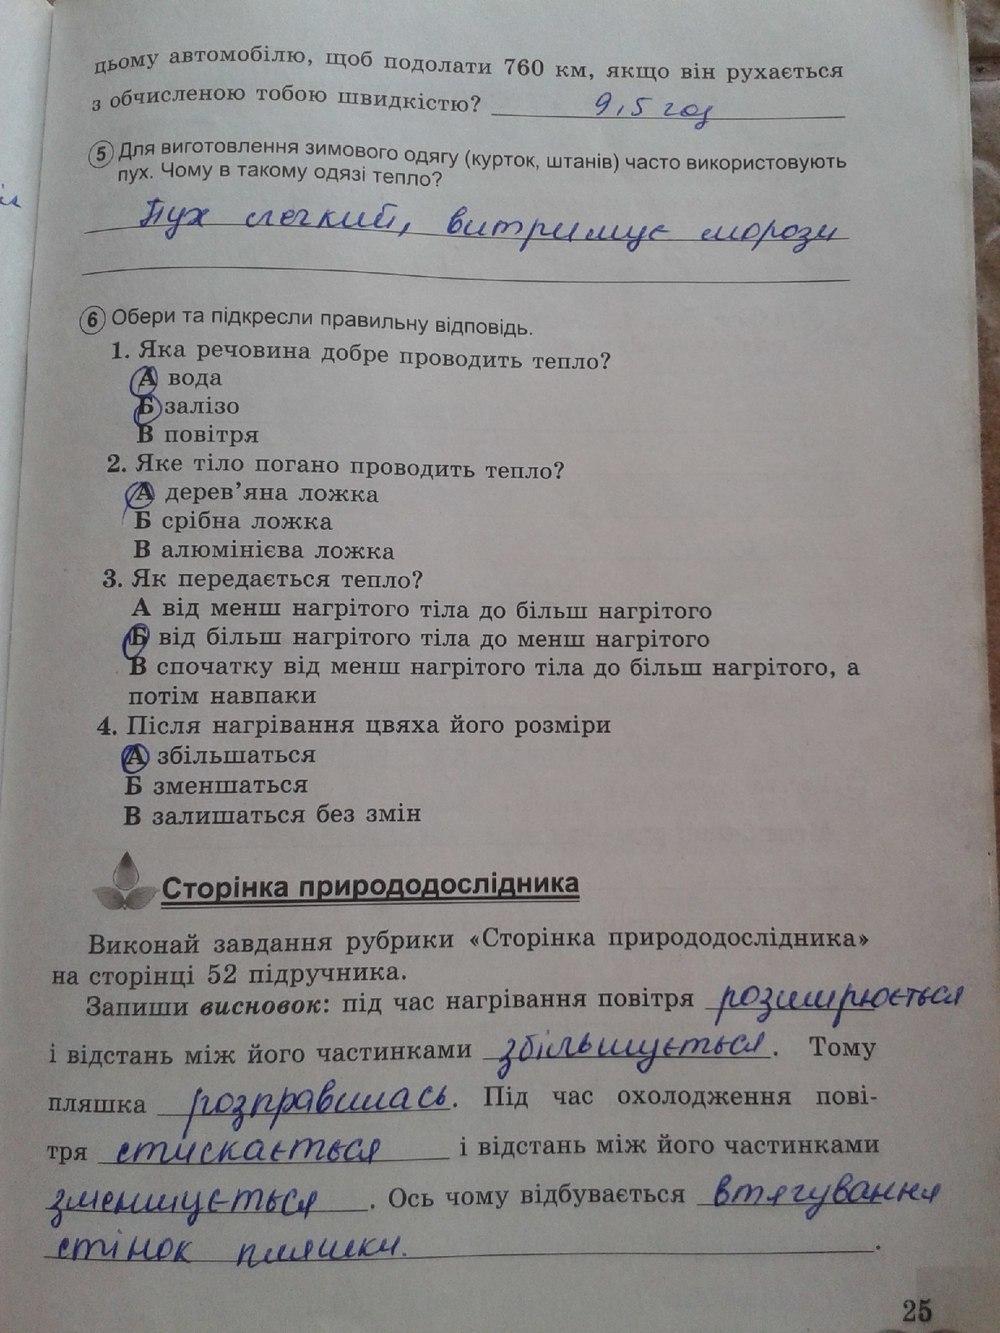 ГДЗ відповіді робочий зошит по биологии 5 класс Коршевнюк Т.В., Ярошенко О.Г.. Задание: стр. 25